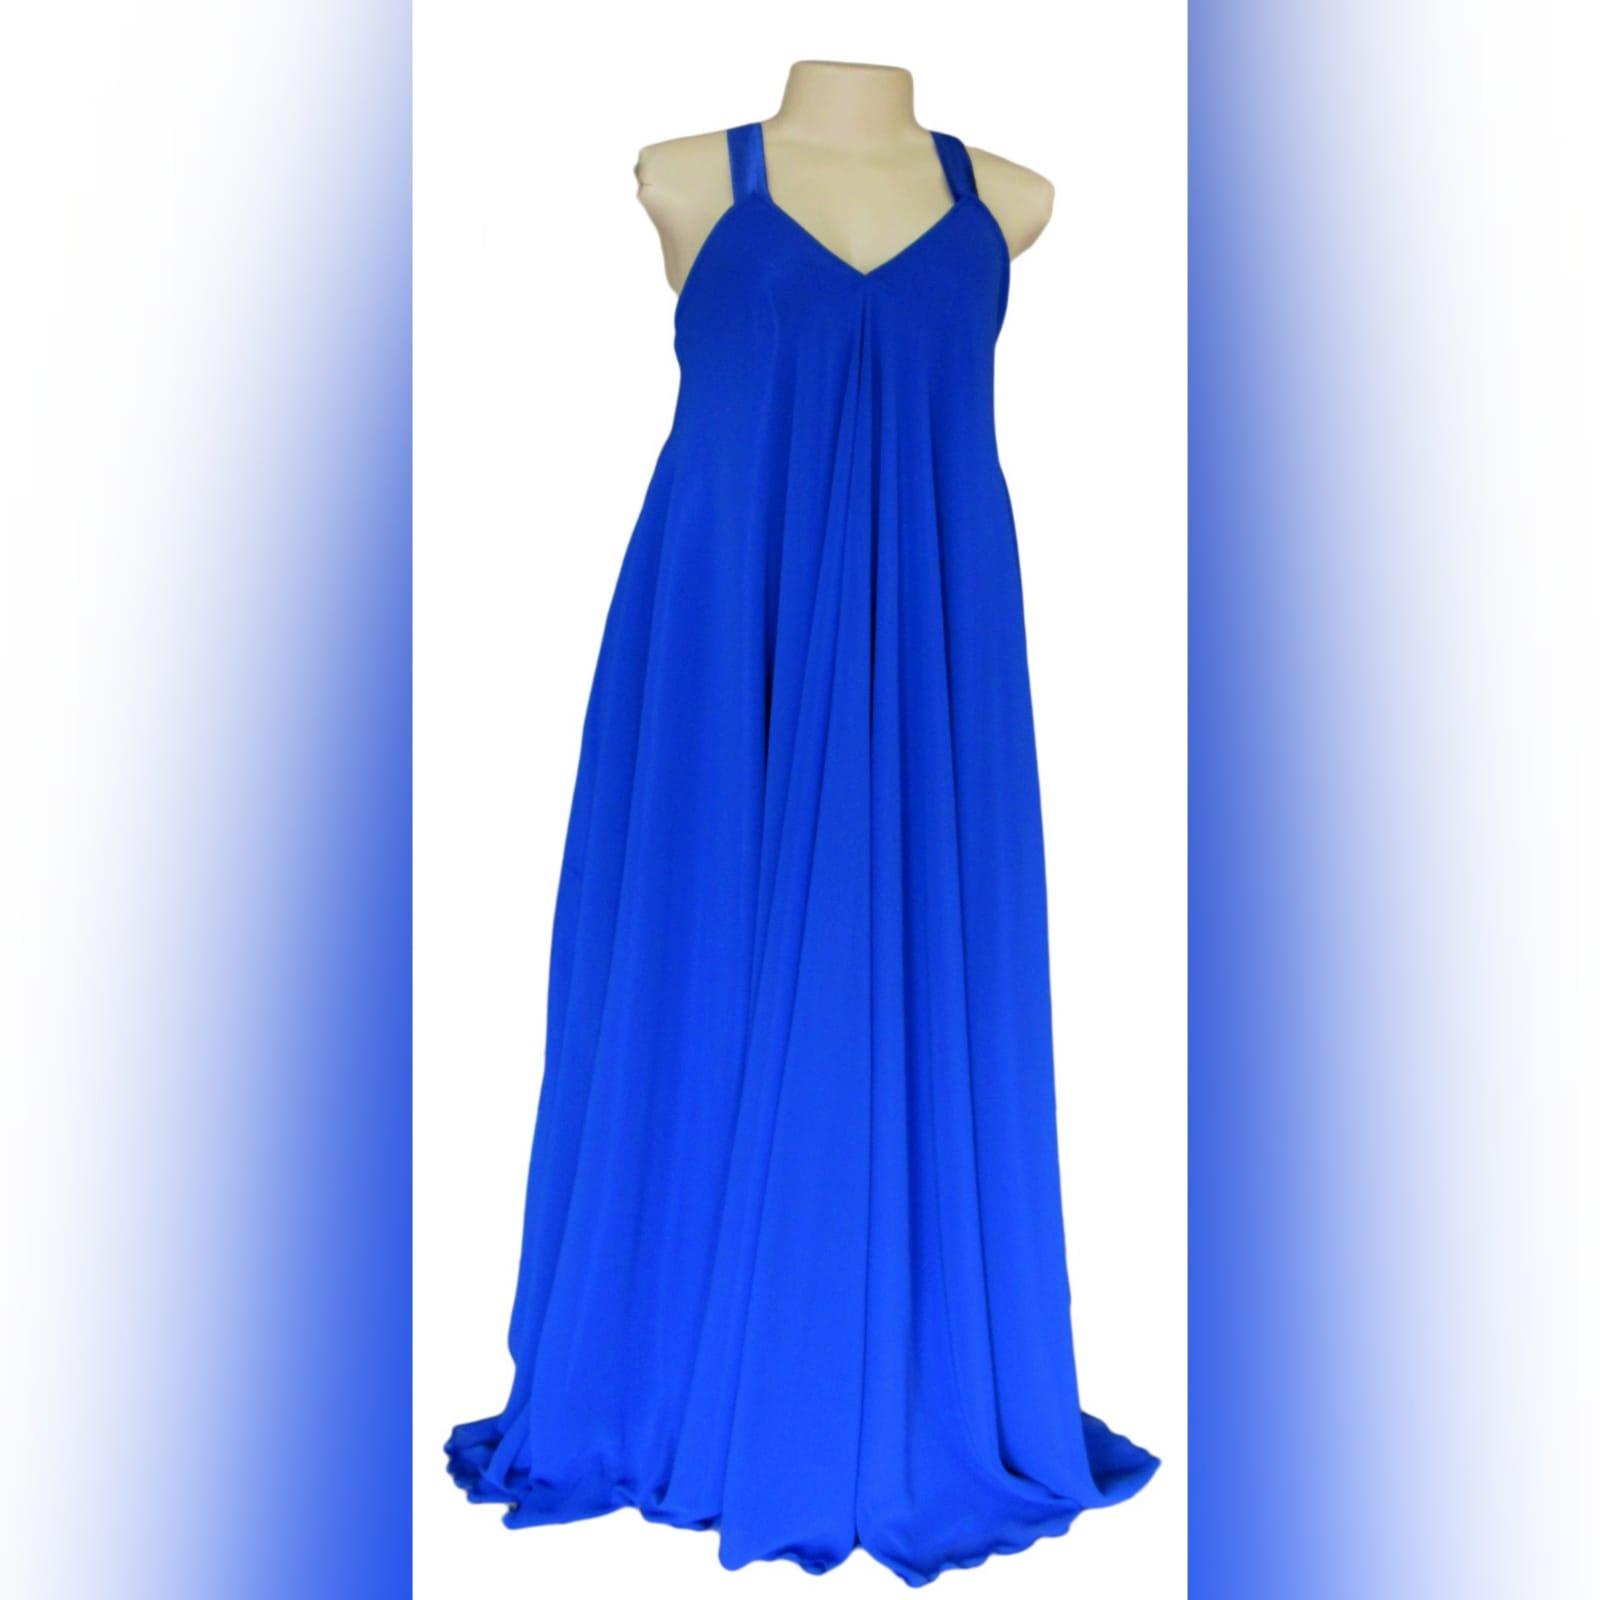 Royal blue flowy chiffon summer elegant dress 3 royal blue flowy chiffon summer elegant dress